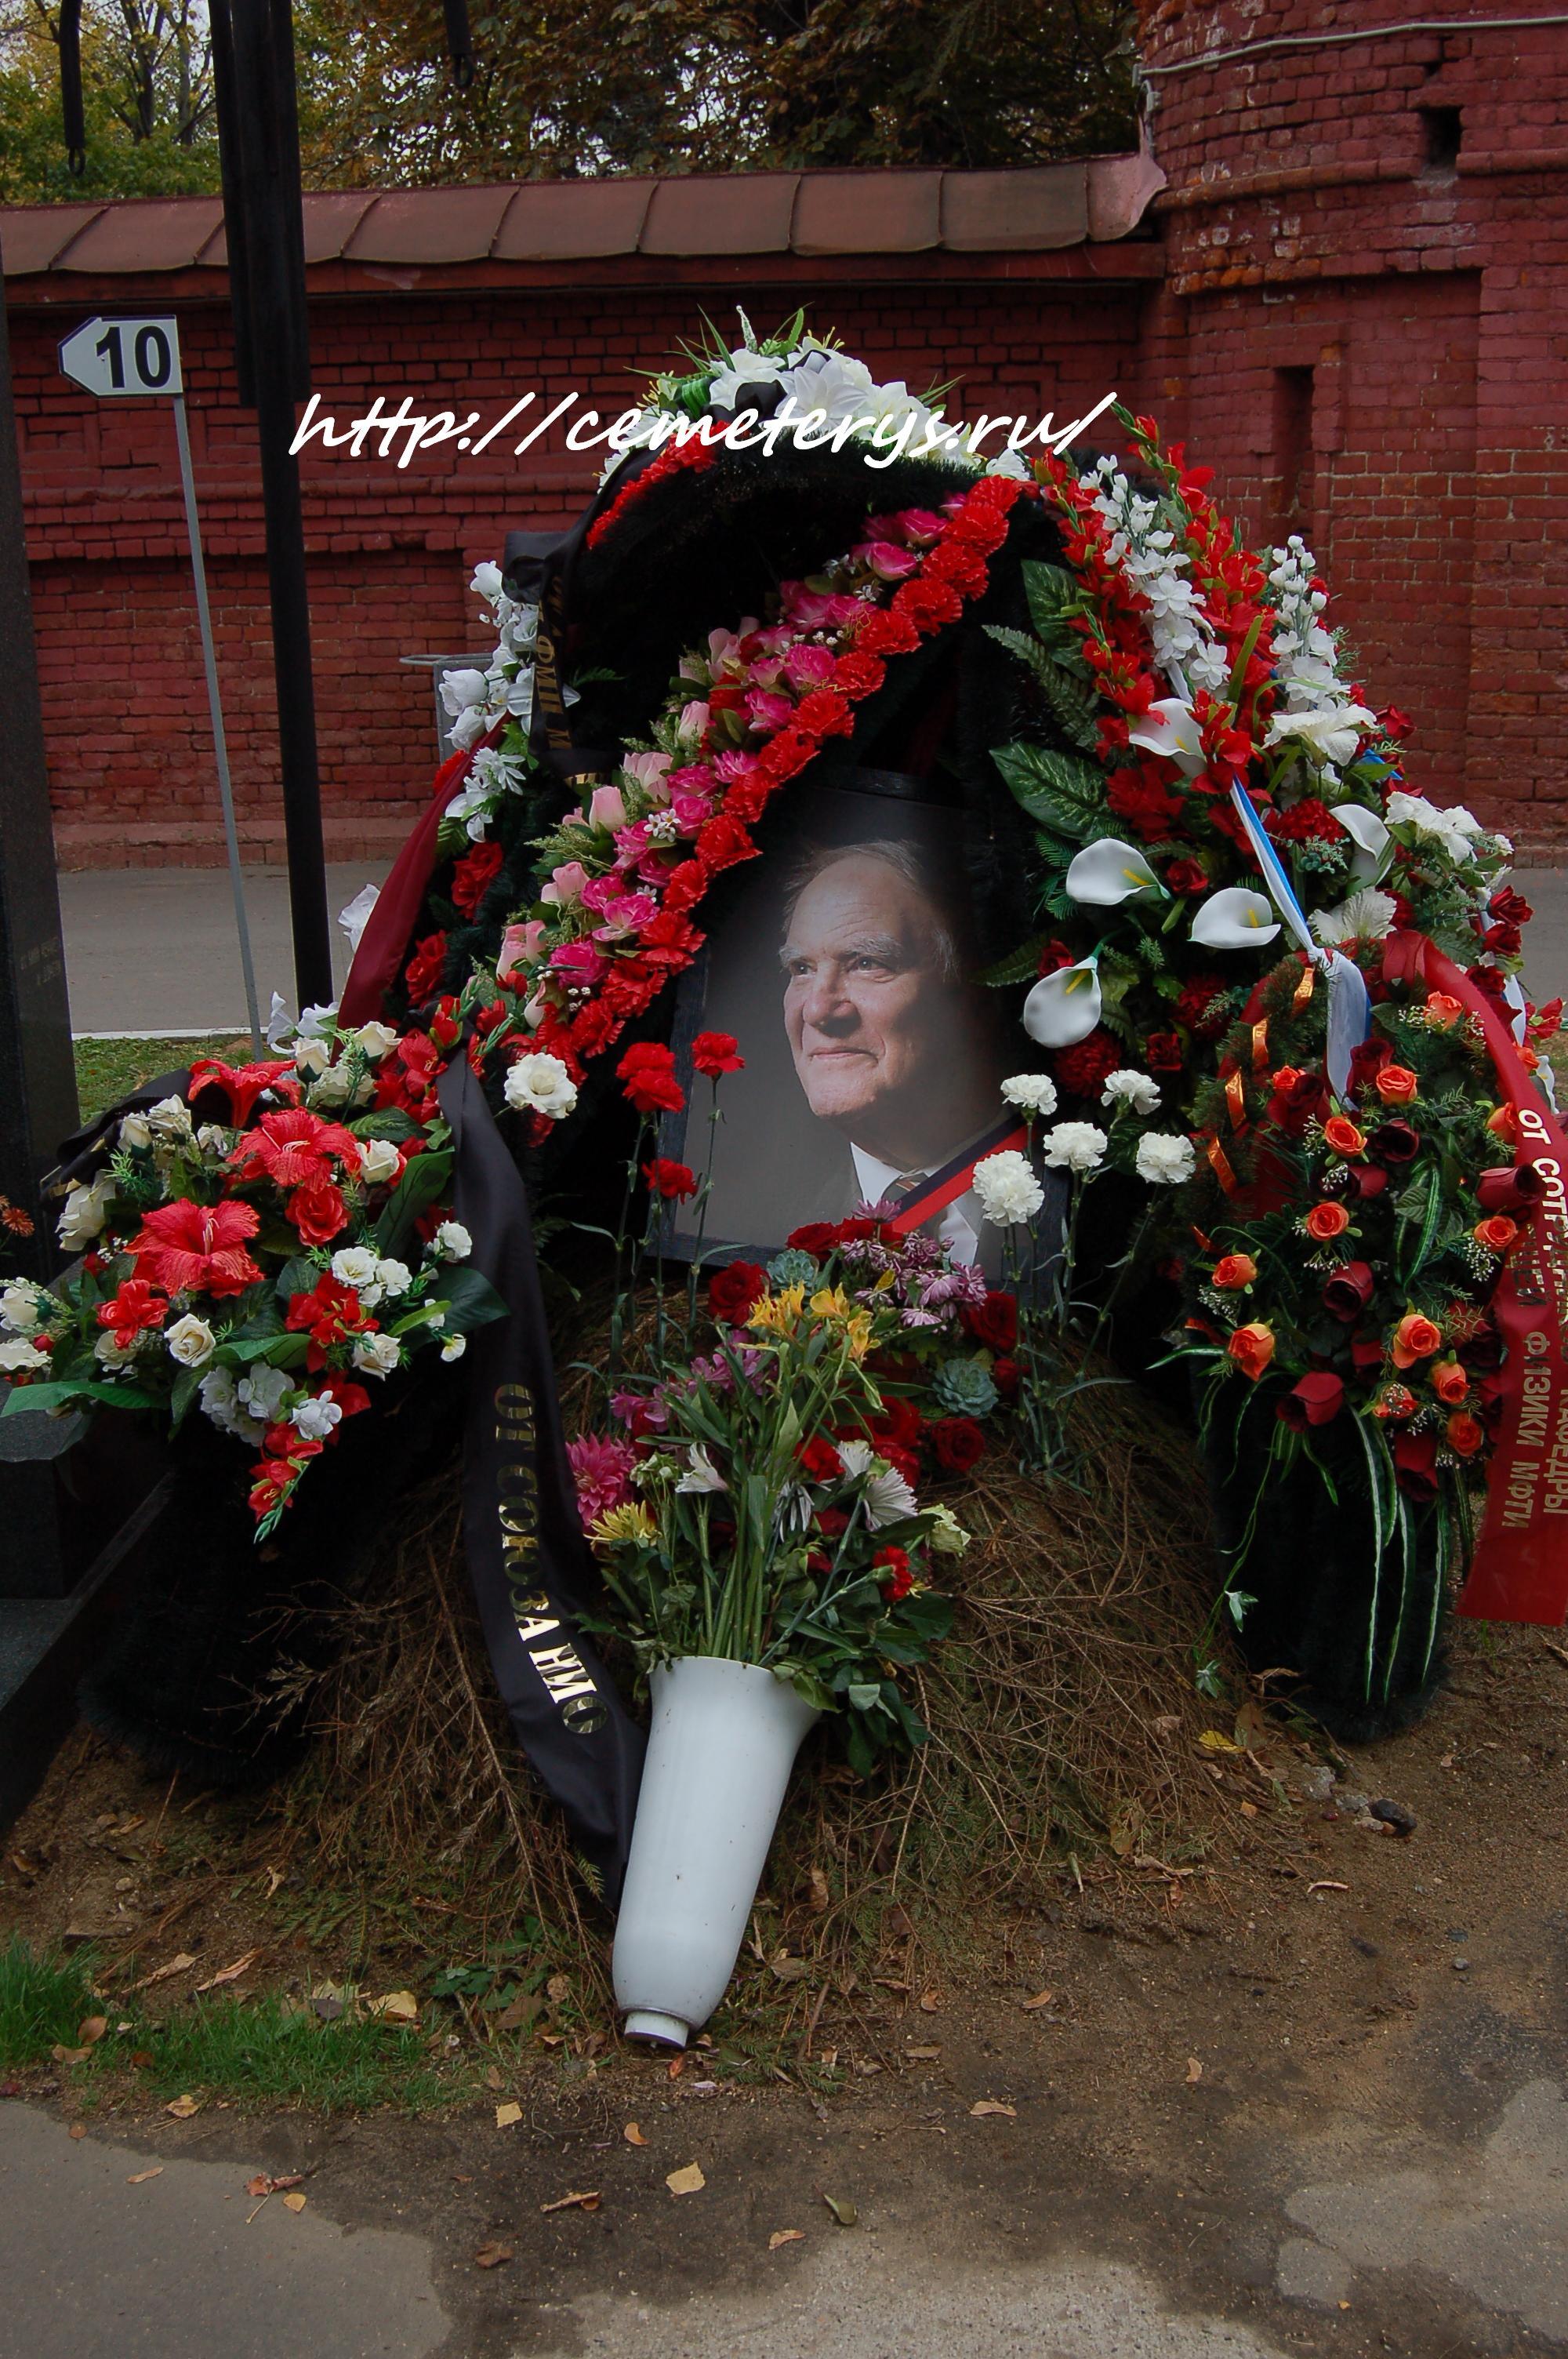 могила Сергея Капицы на Новодевичем кладбище в Москве ( фото Дмитрия Кондратьева)